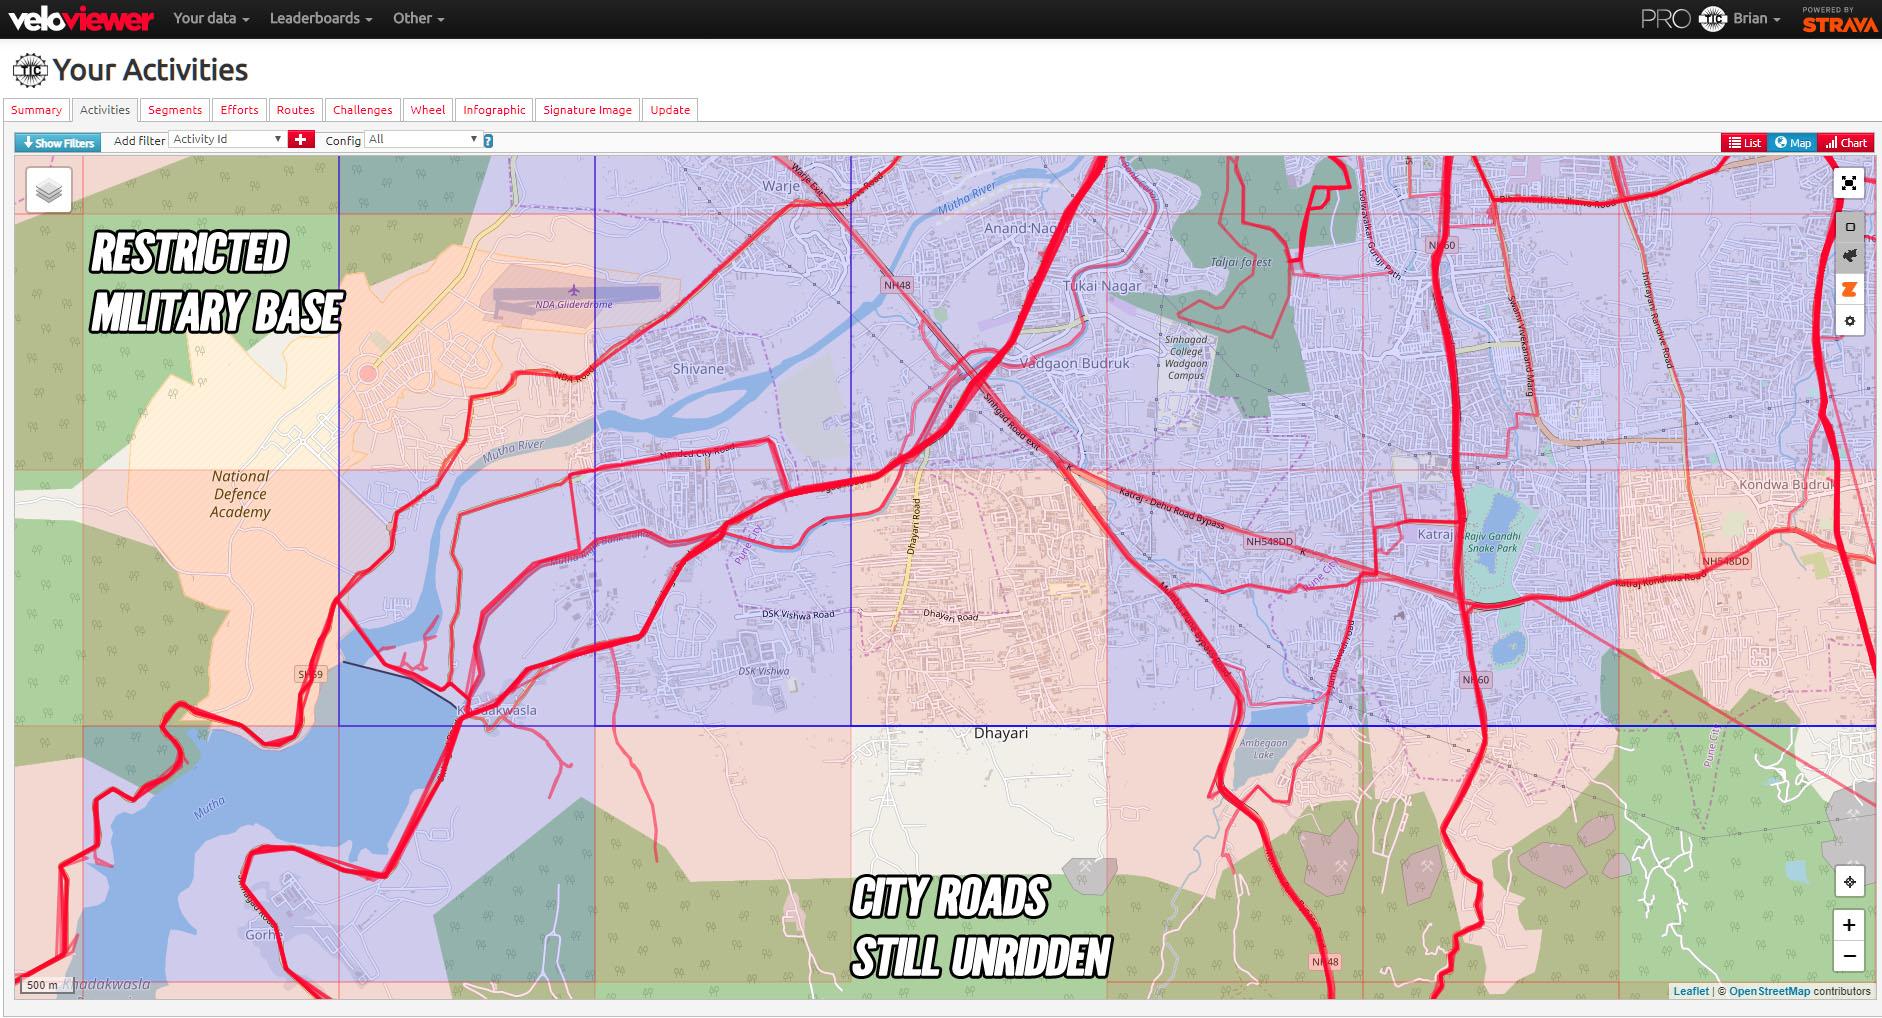 VeloViewer Activity Map Details